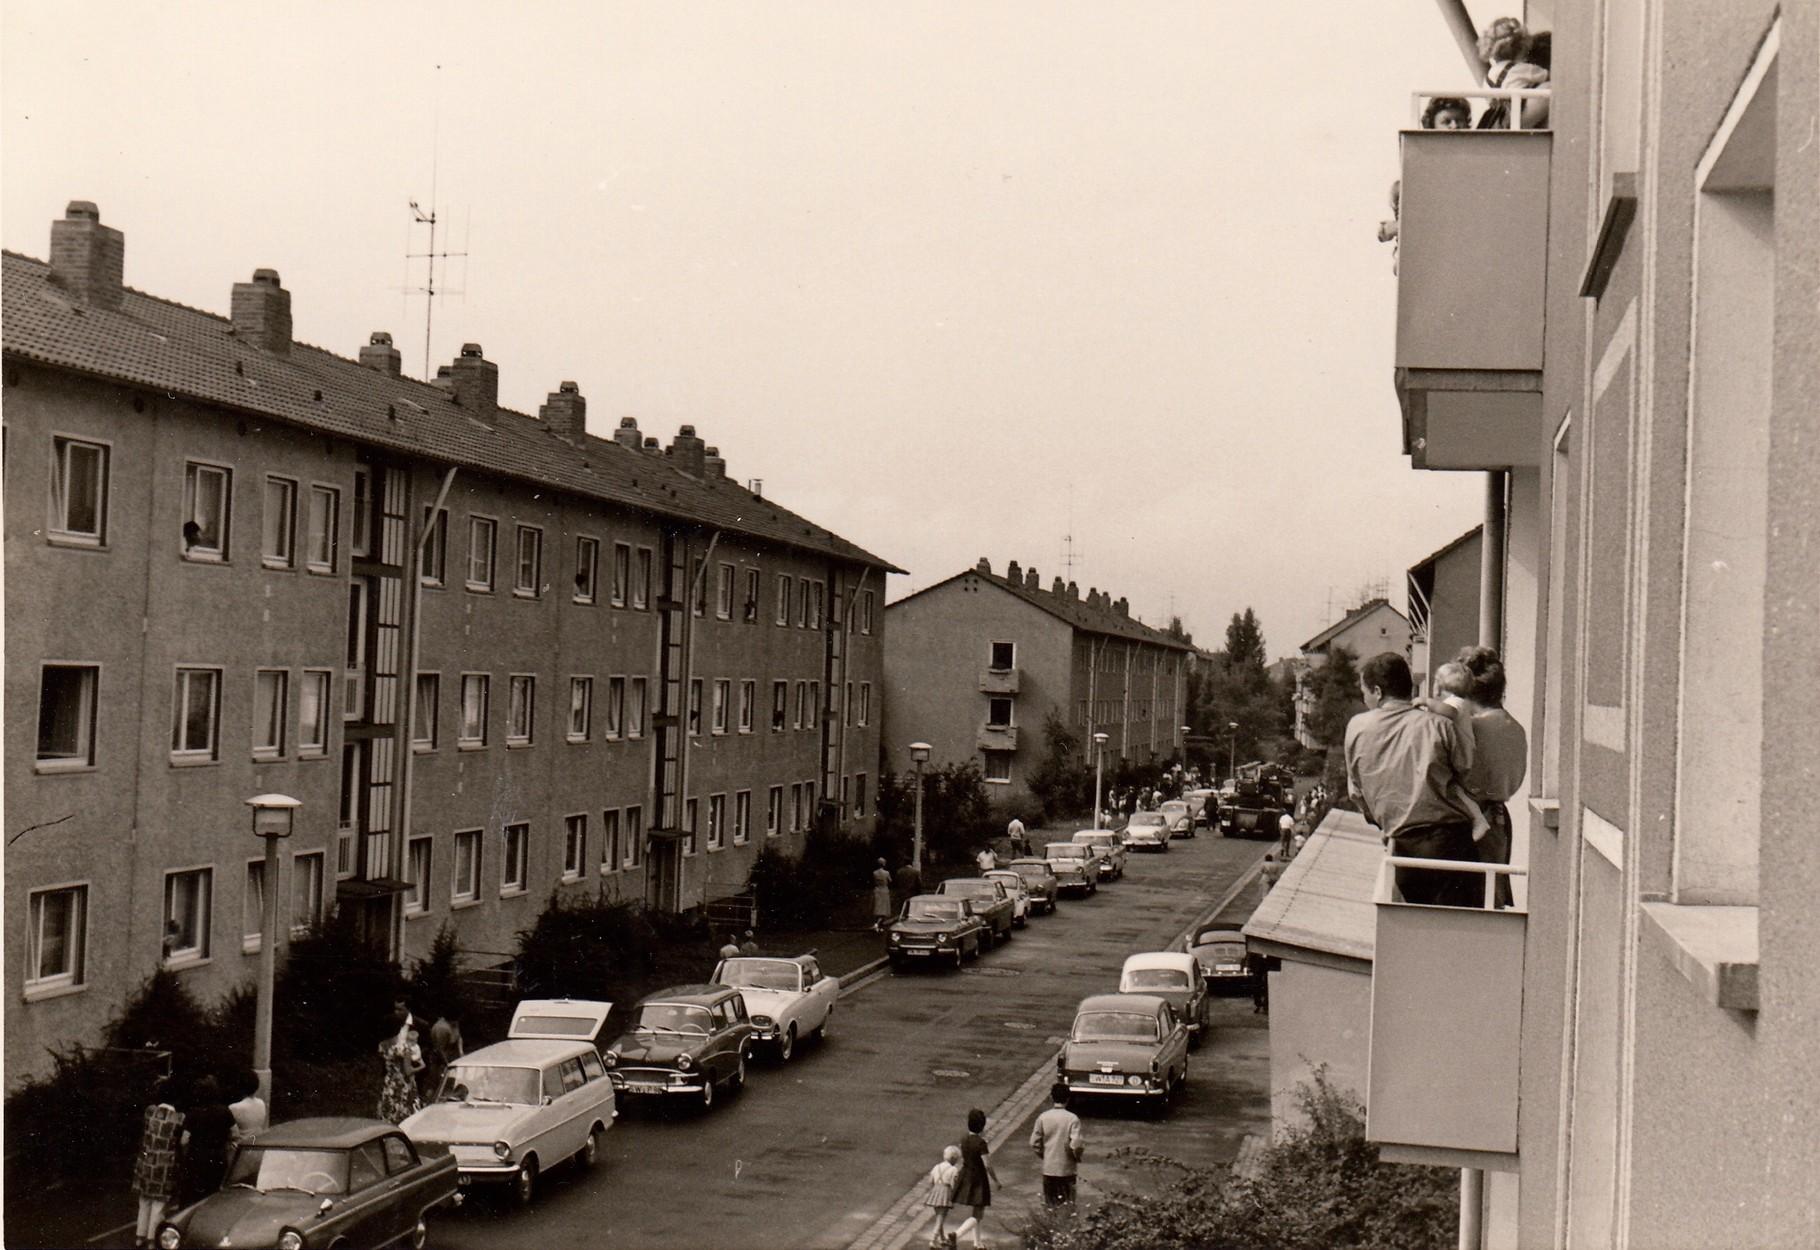 Gleiwitzstraße Aug. 1965 Brand - eine Frau sprang aus dem Fenster